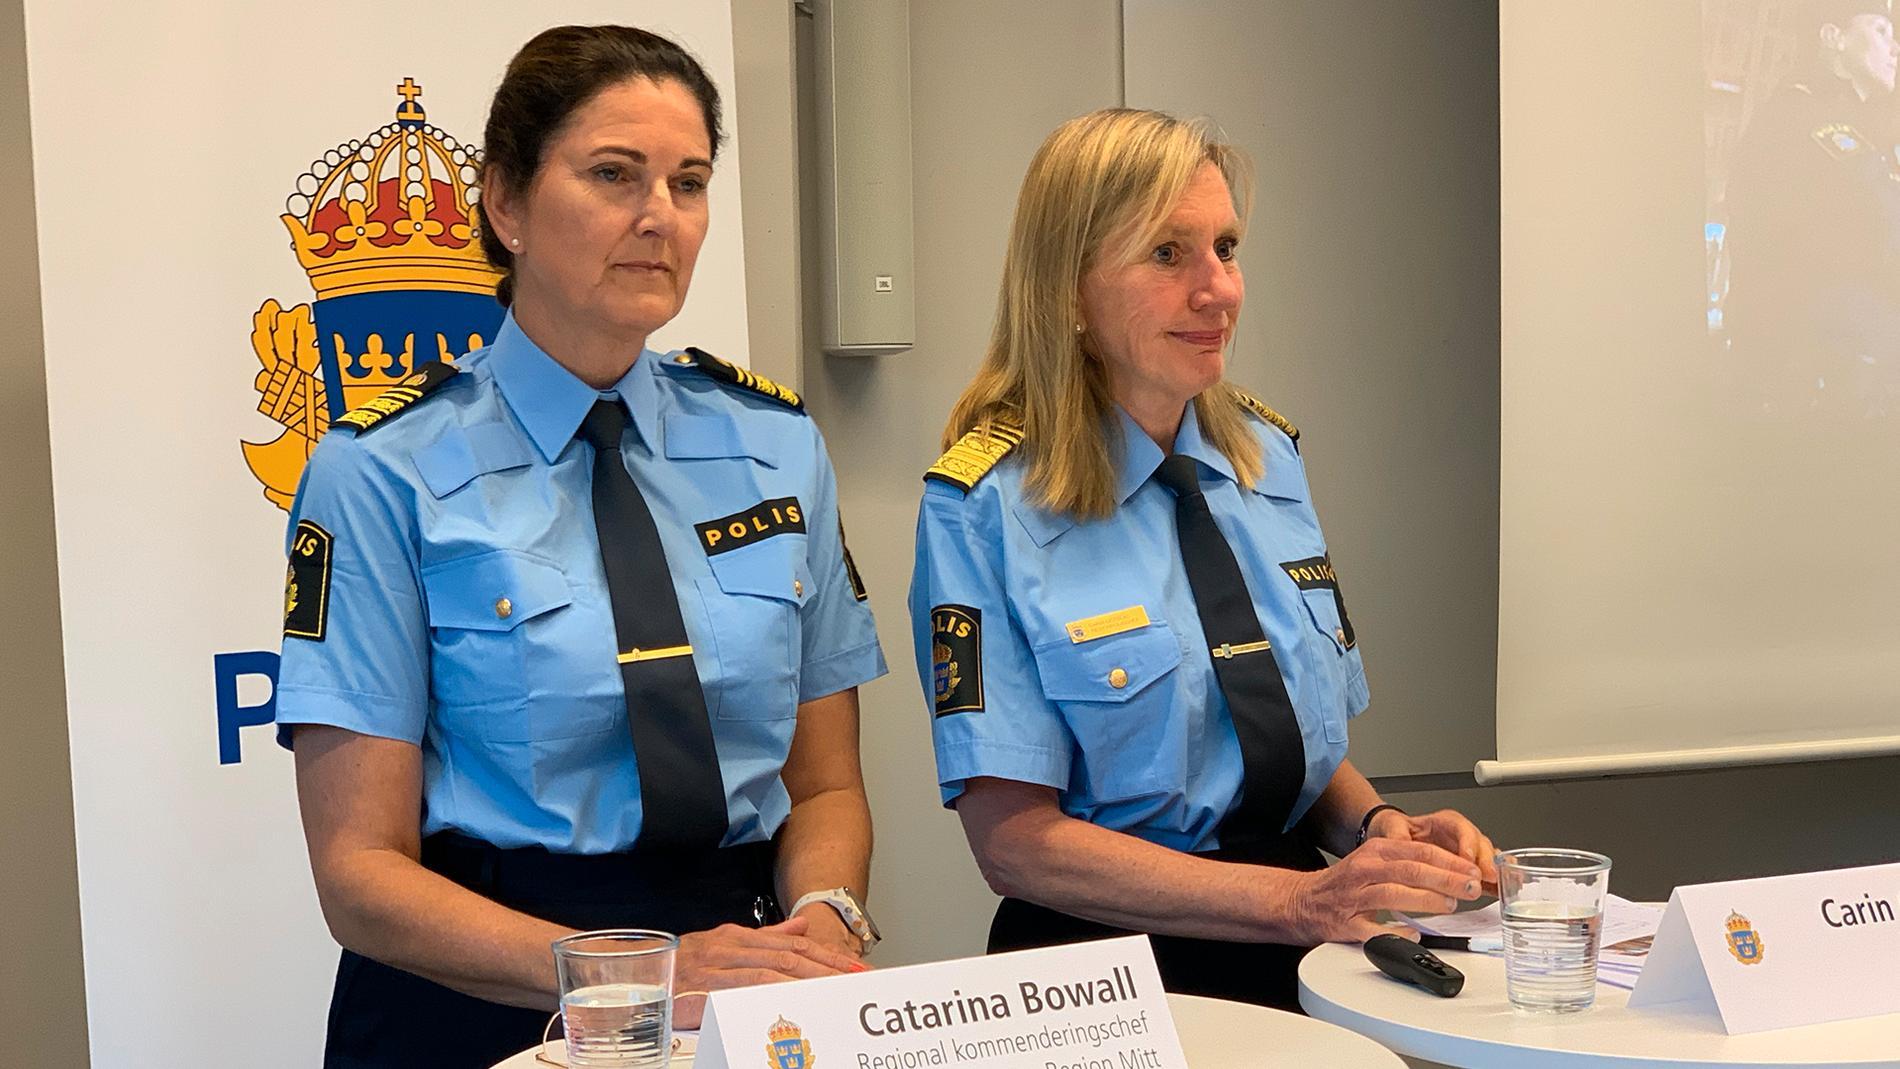 Catarina Bowall, regional kommenderingschef och Carin Götblad, regionpolischef region mitt.